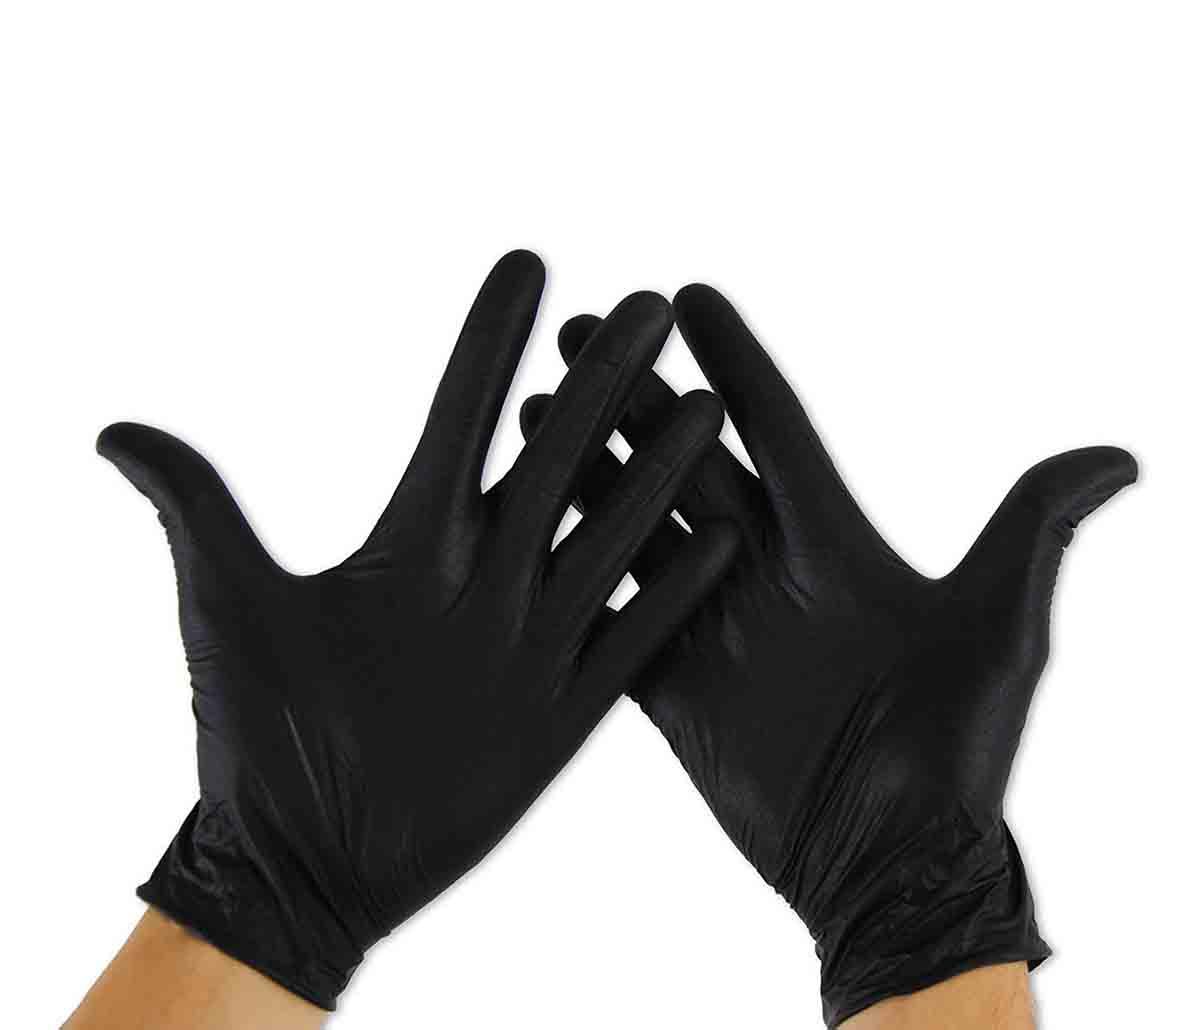 guantes de nitrilo amazon kmina EPI